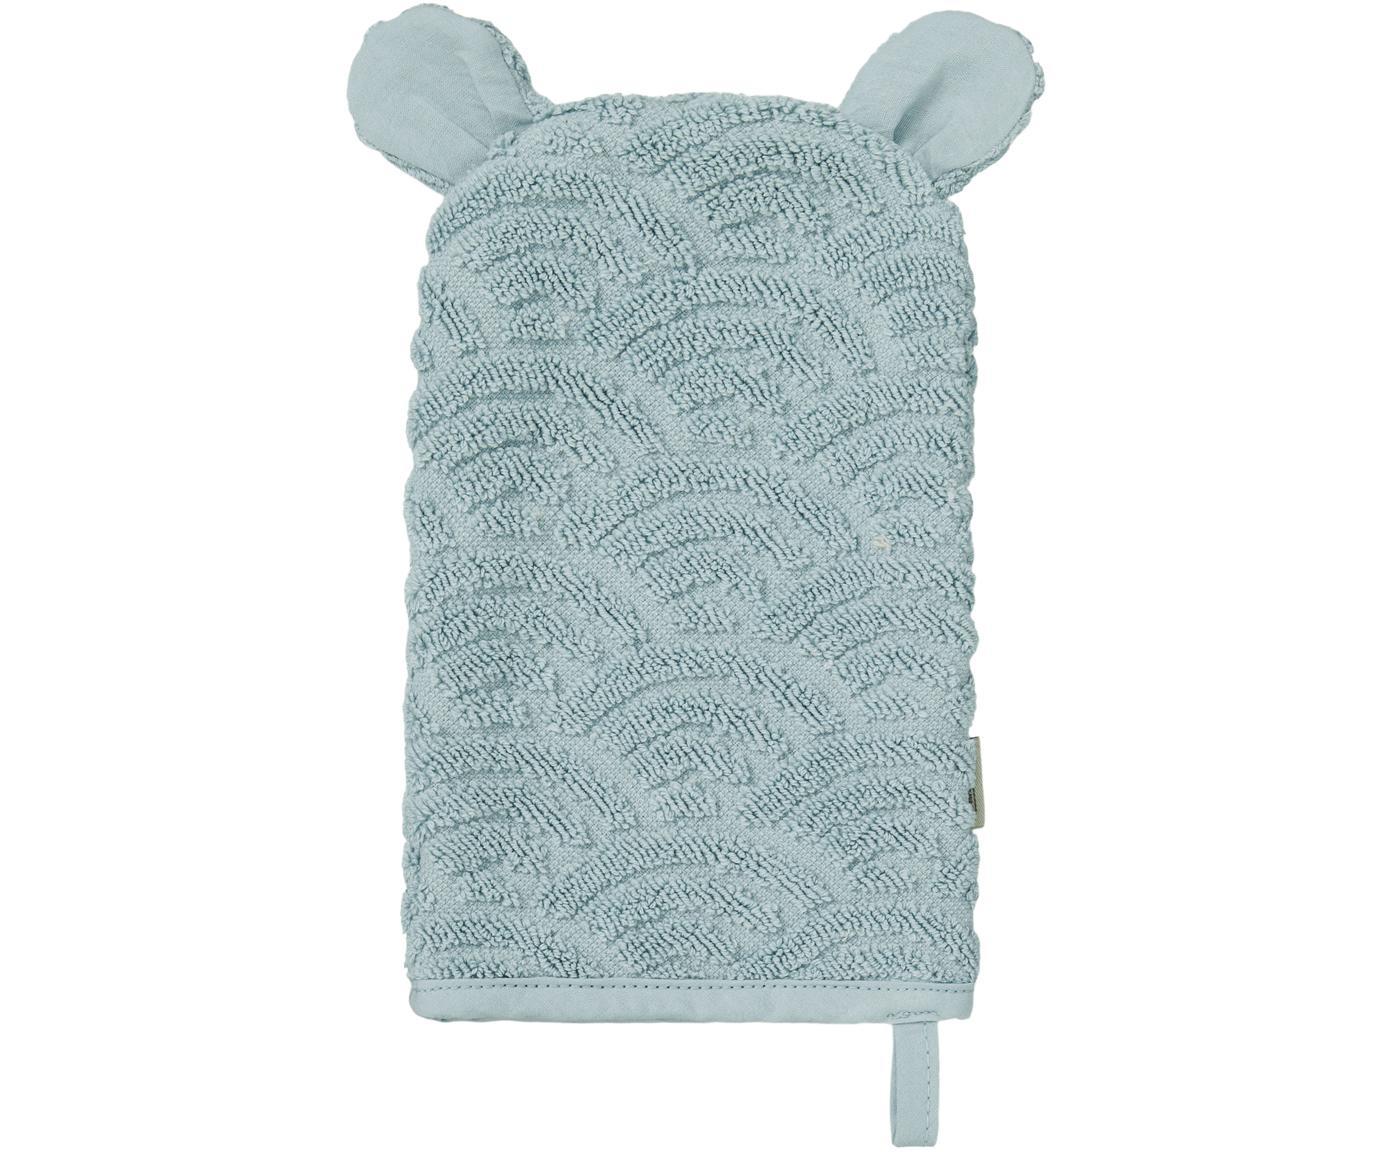 Guanto per bagnetto in cotone organico Wave, Cotone organico, certificato GOTS, Blu, Larg. 15 x Lung. 22 cm